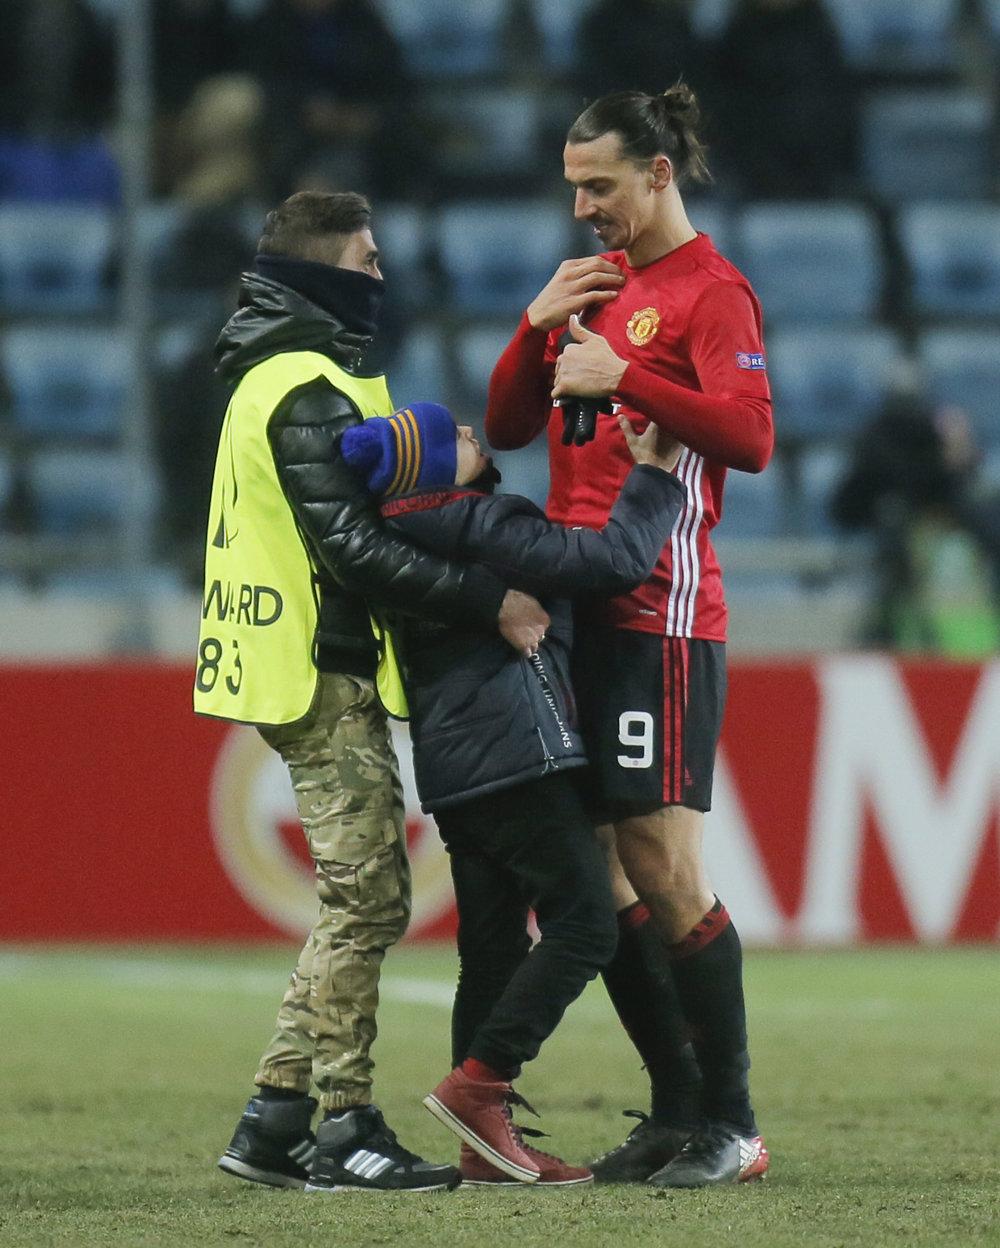 Zlatan Ibrahimovič z Manchestru United dáva svoj dres malého fanúšikovi po zápase 6. kola skupinovej fázy Európskej ligy proti Zorja Luhansk. FOTO - TASR/AP